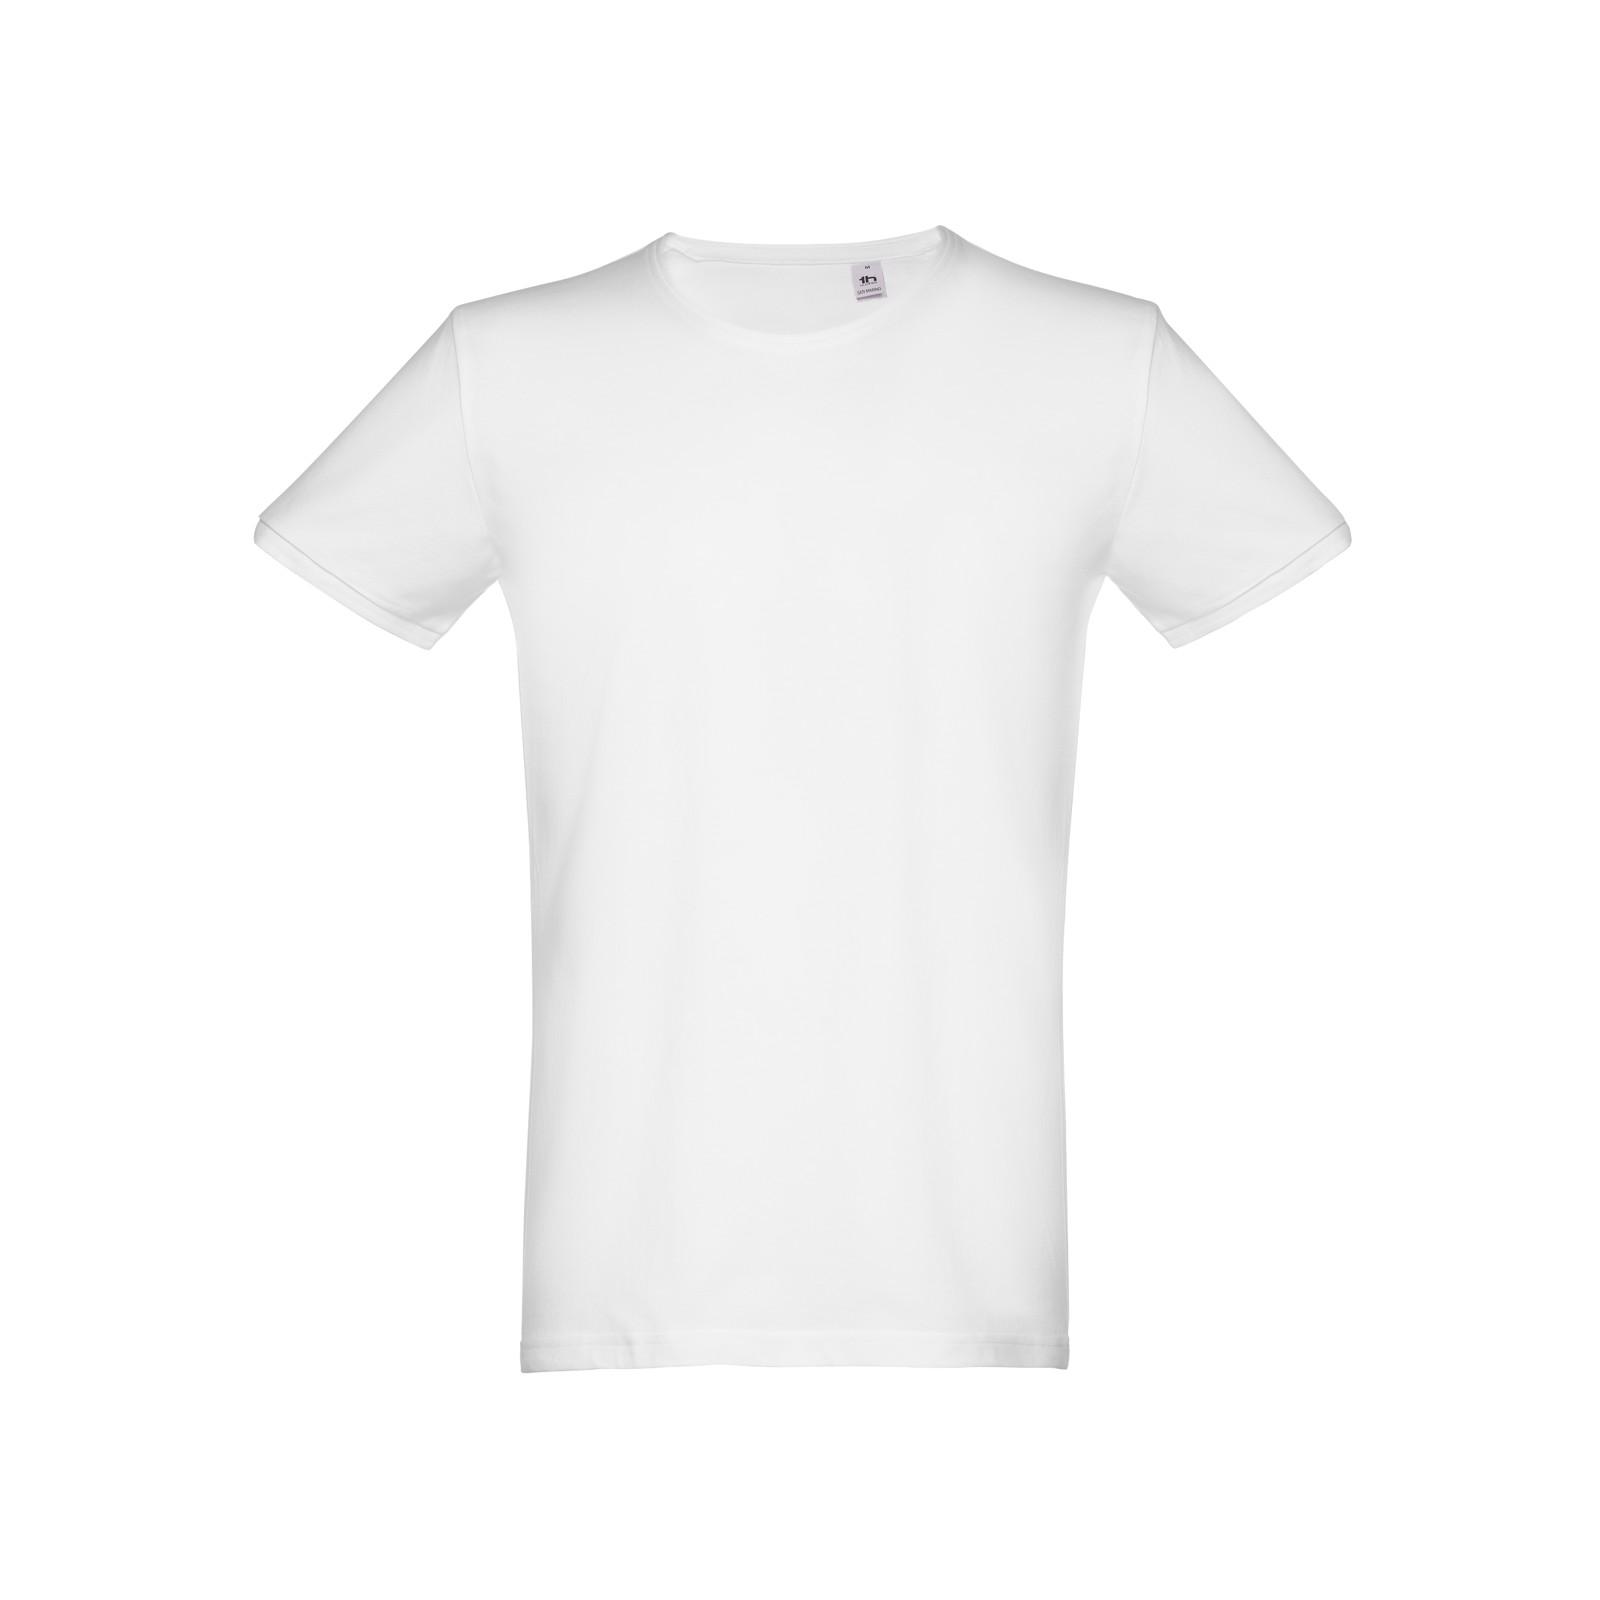 THC SAN MARINO WH. Pánské tričko - Bílá / S